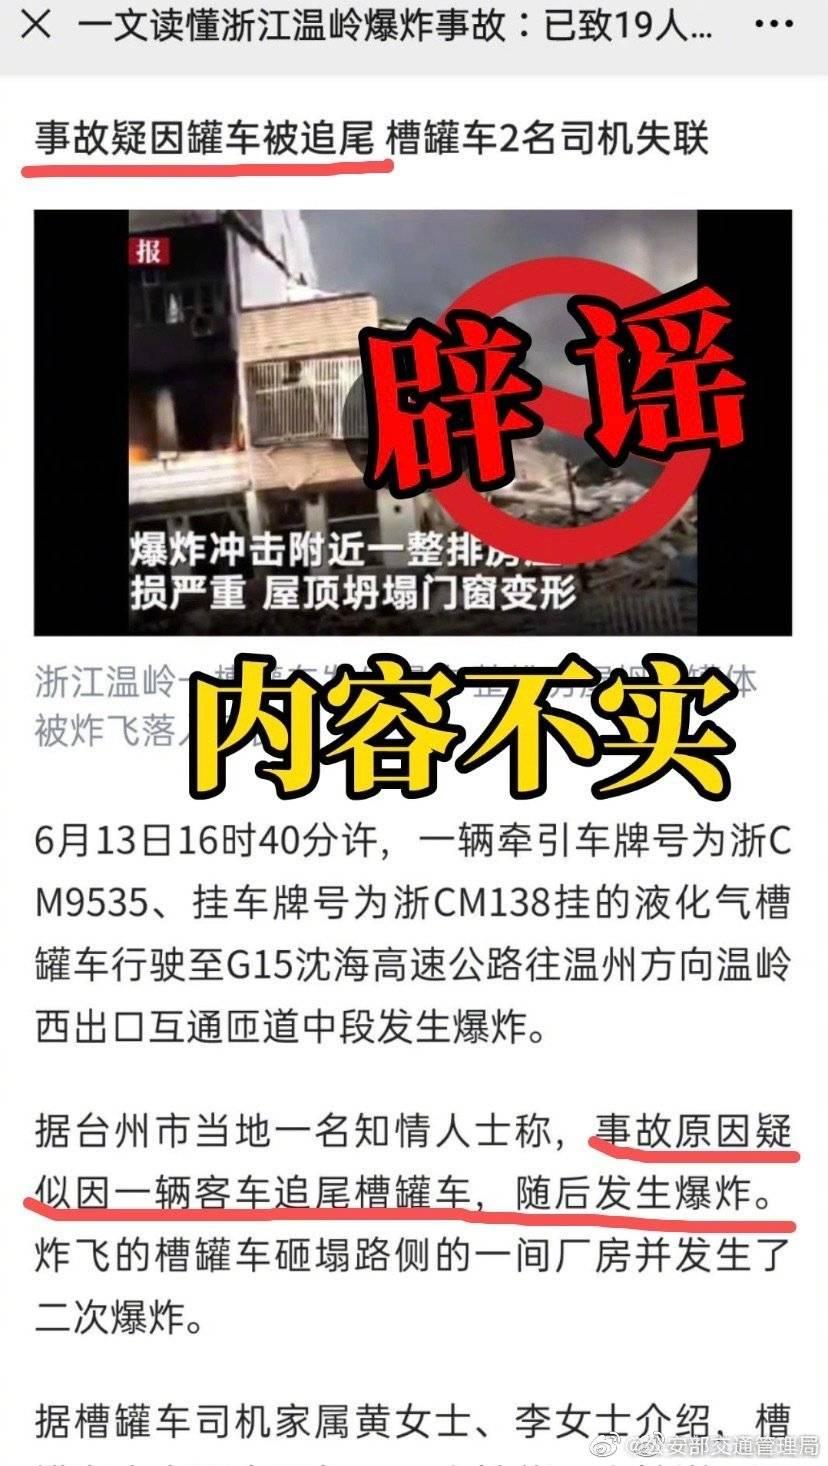 浙江温岭槽罐车系被追尾后发生爆